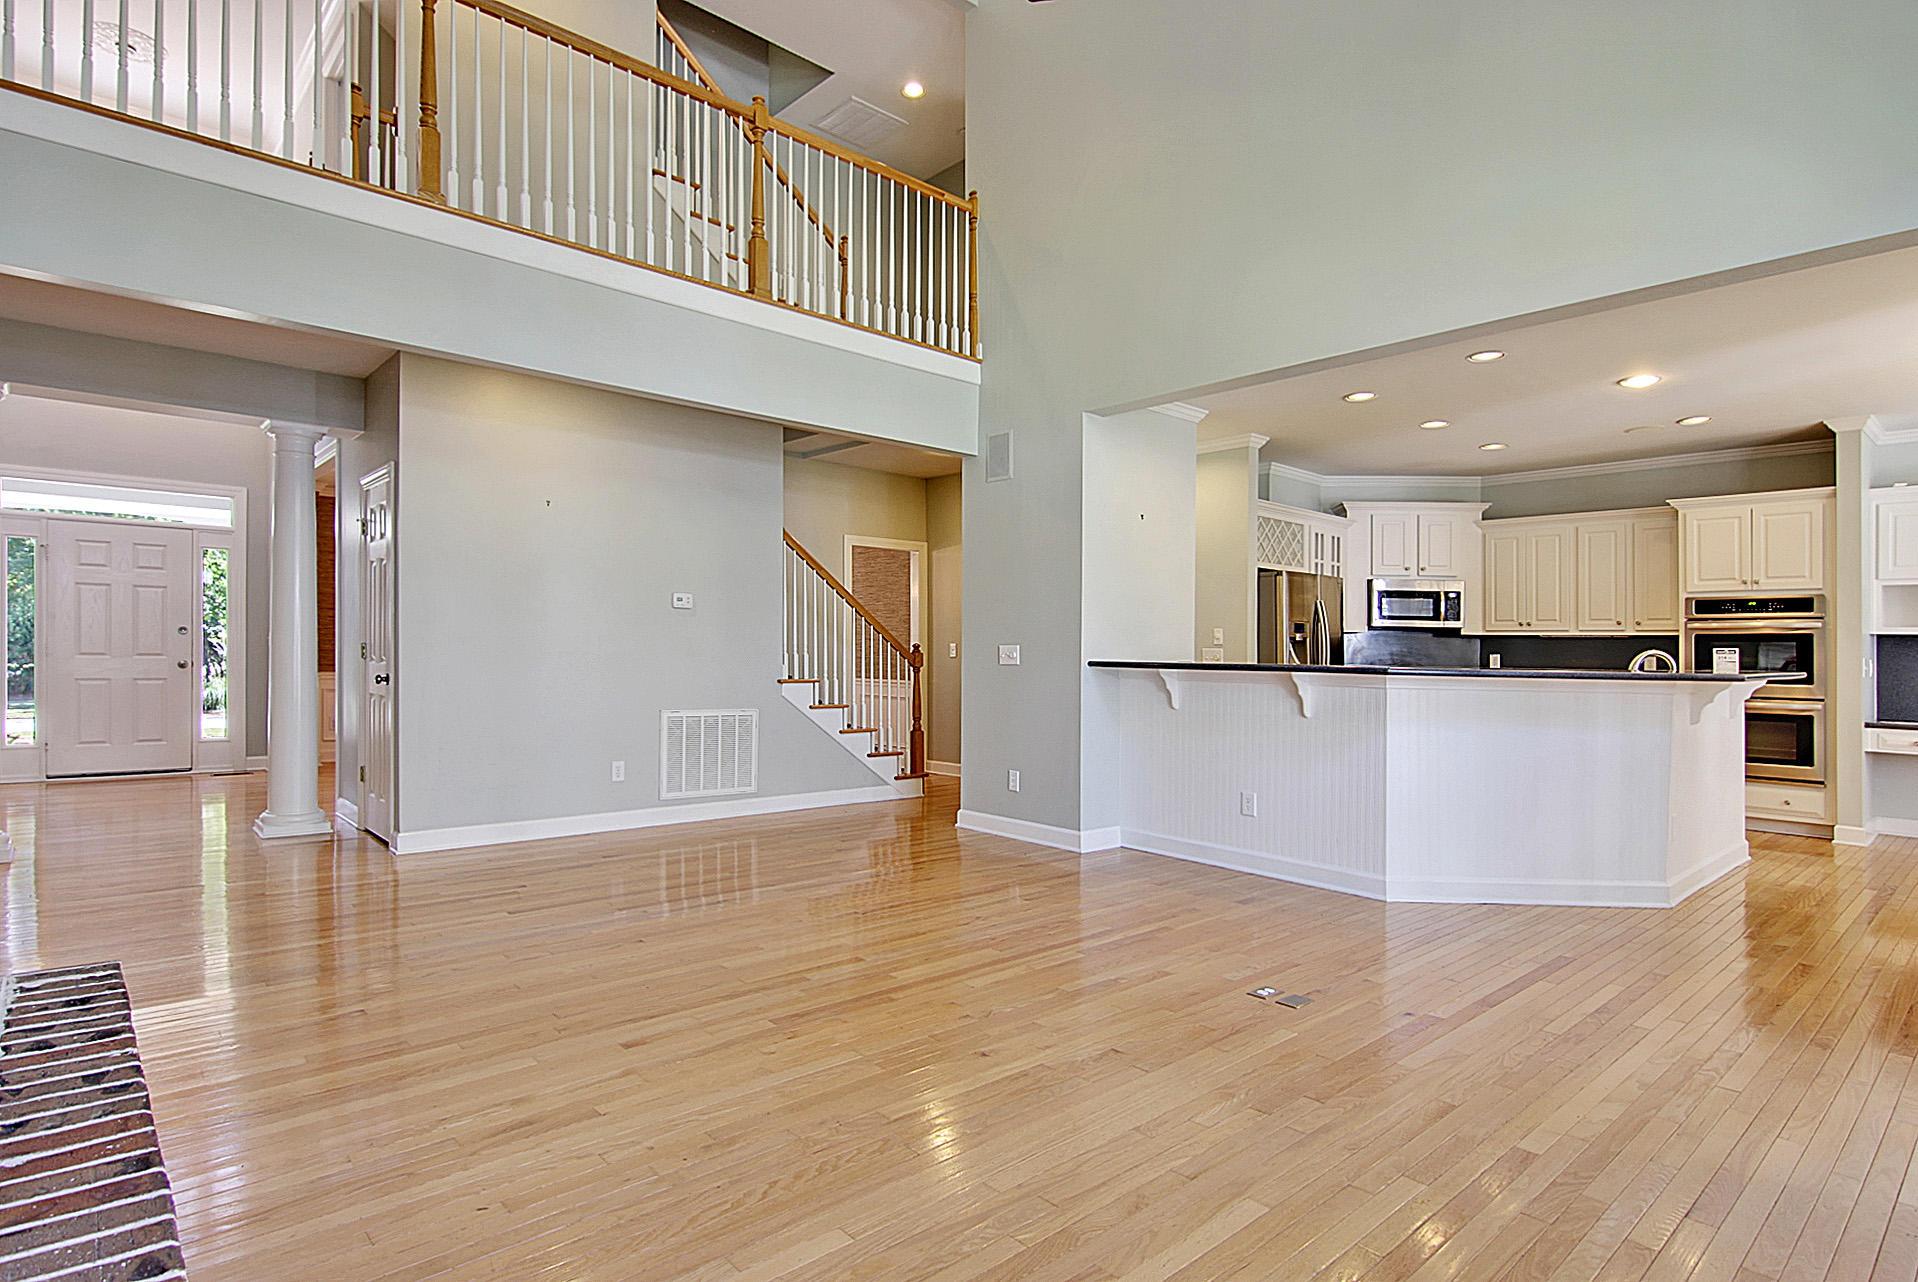 Dunes West Homes For Sale - 2236 Black Oak, Mount Pleasant, SC - 60